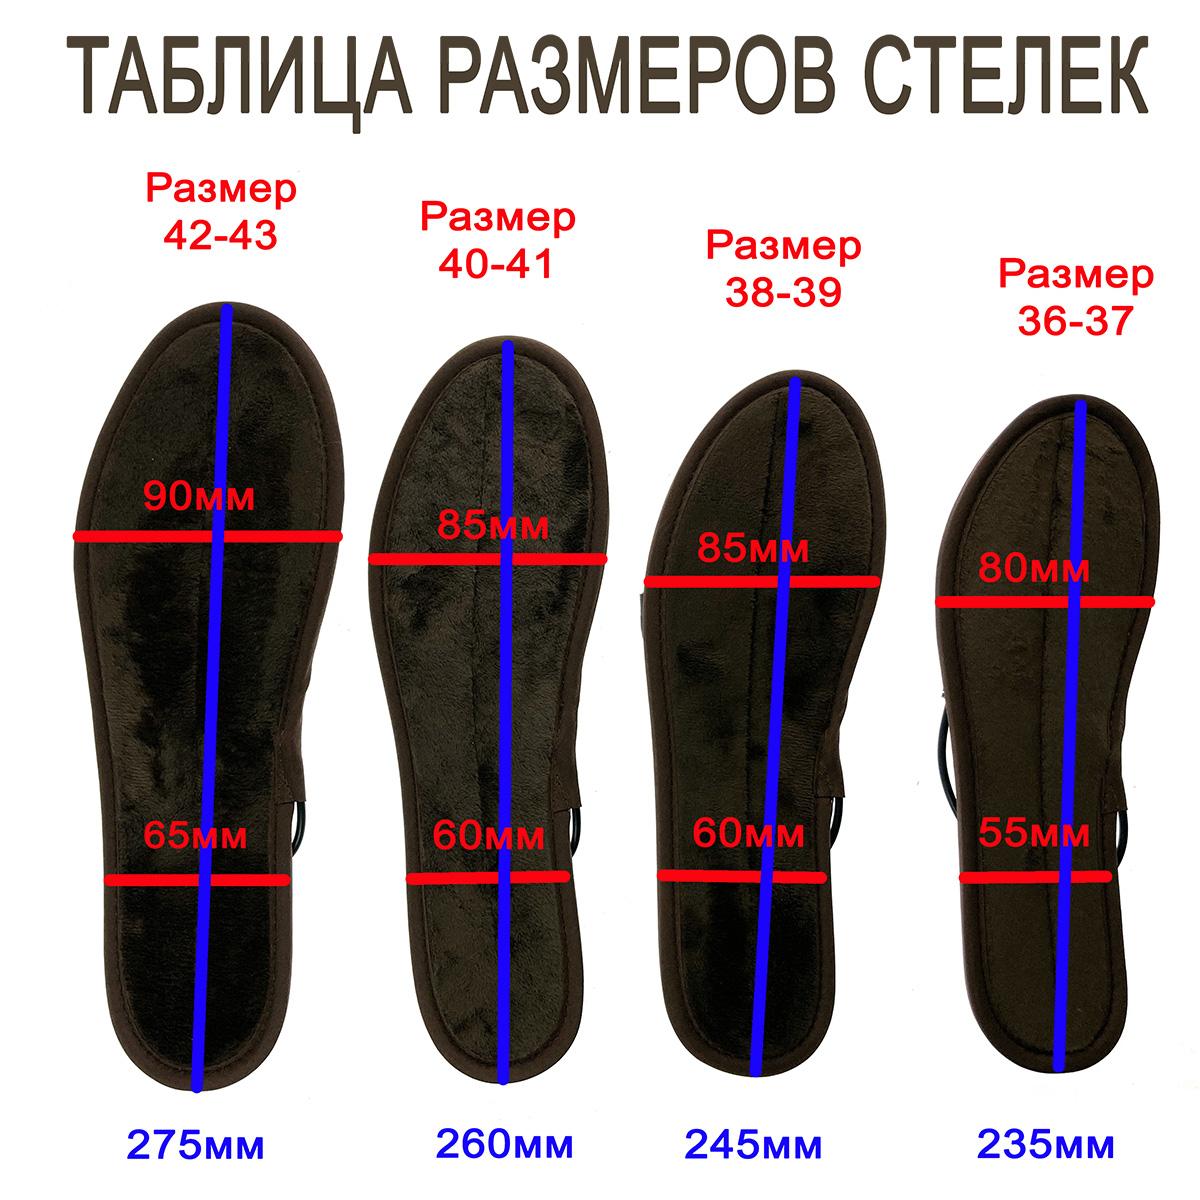 Стельки для обуви Ins-2 Espada с подогревом через USB, р-р 42-43